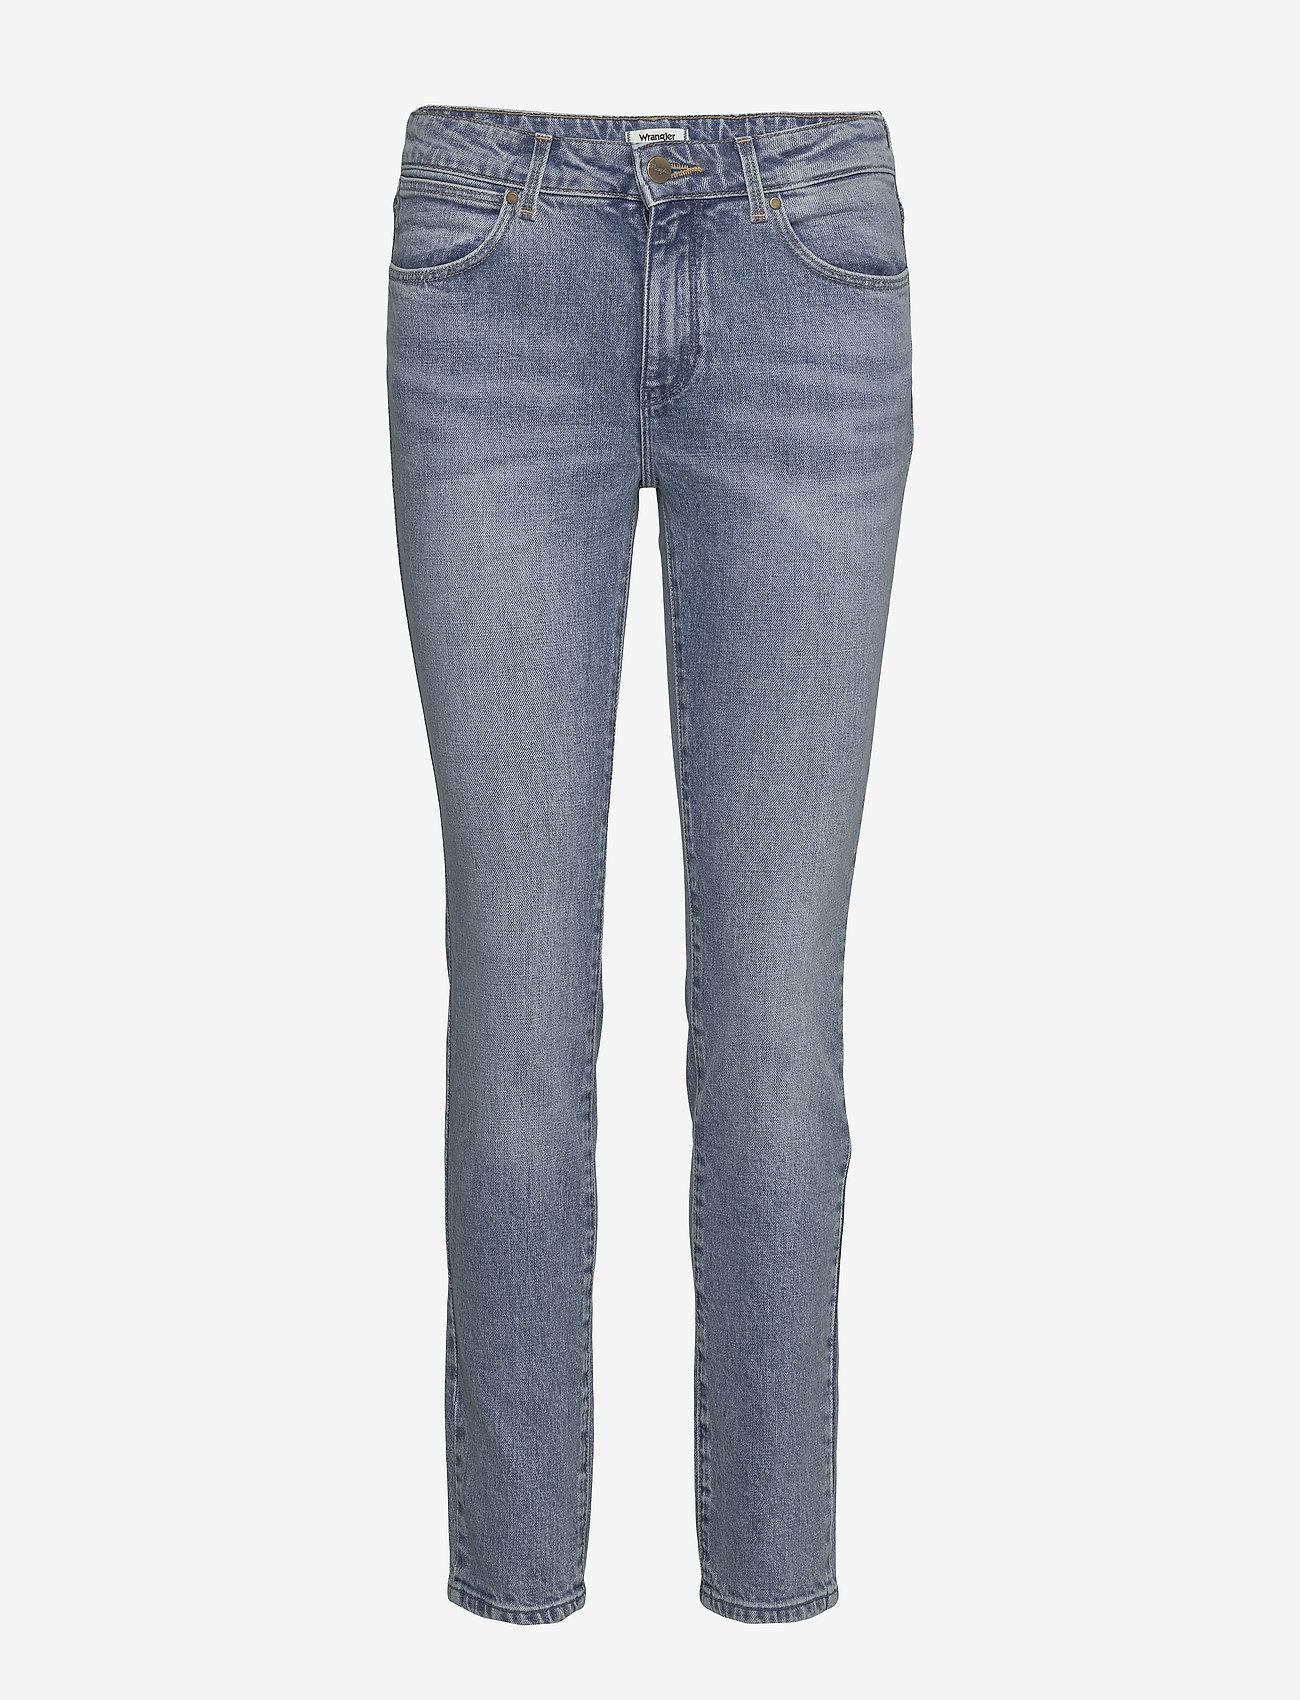 Wrangler - SLIM - slim jeans - stoned - 0